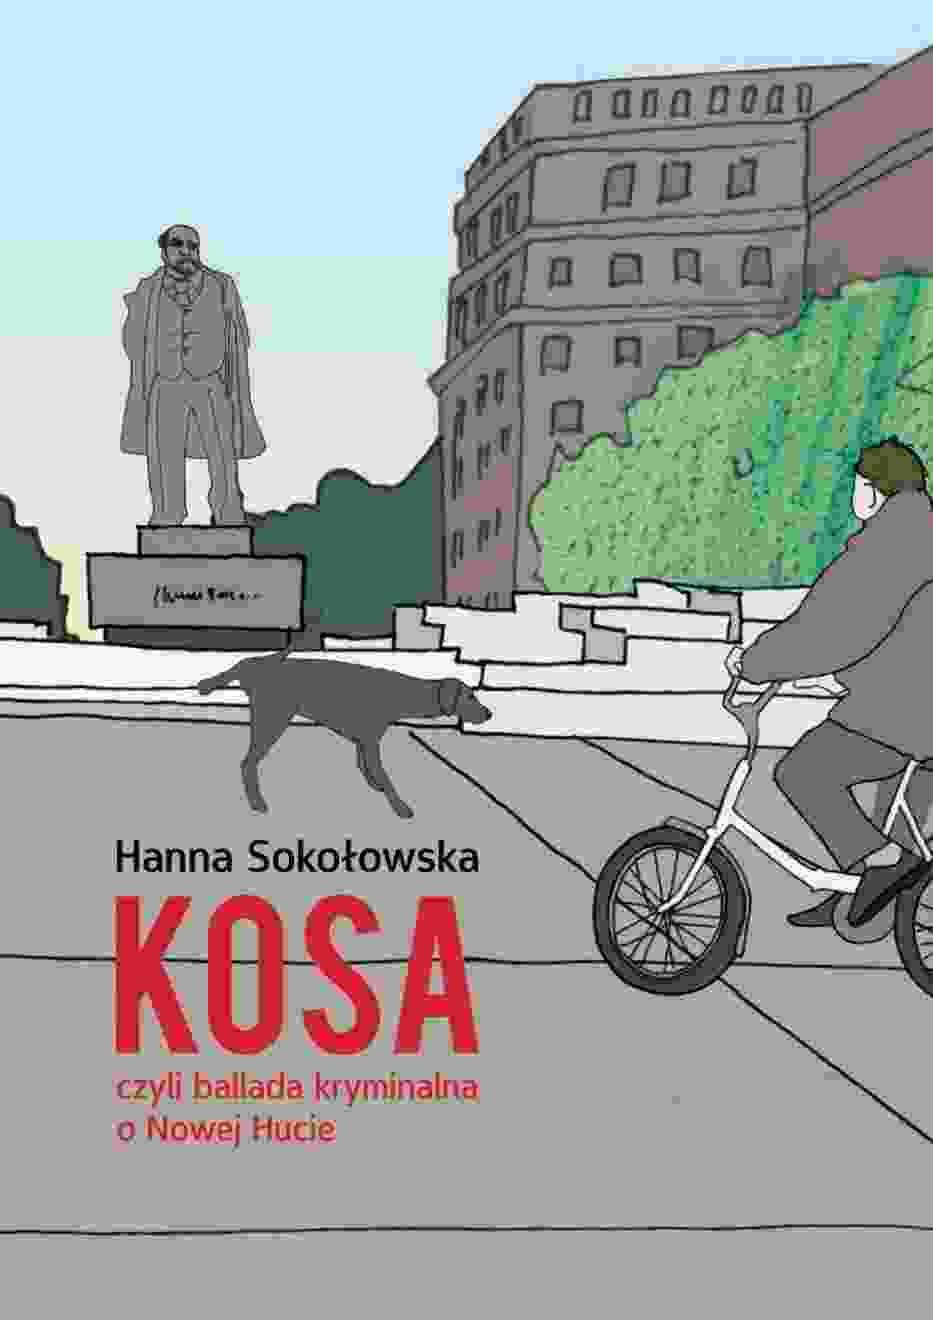 okładka książki Hanny Sokołowskiej